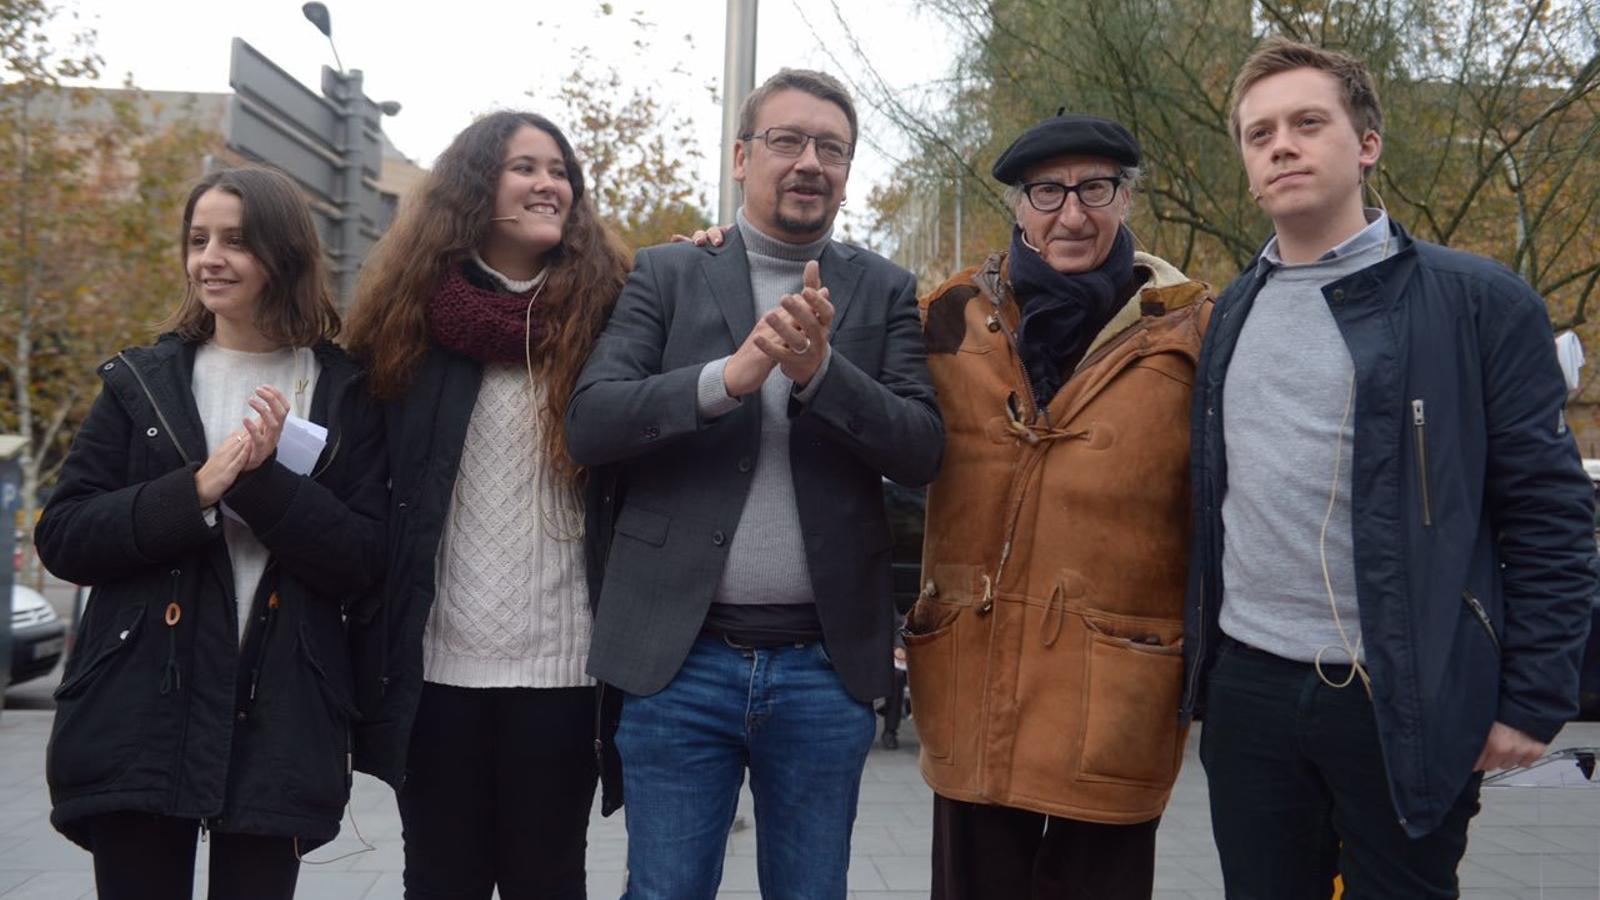 Els comuns refusen la petició de Ciutadans d'abstenir-se per facilitar la investidura d'Arrimadas